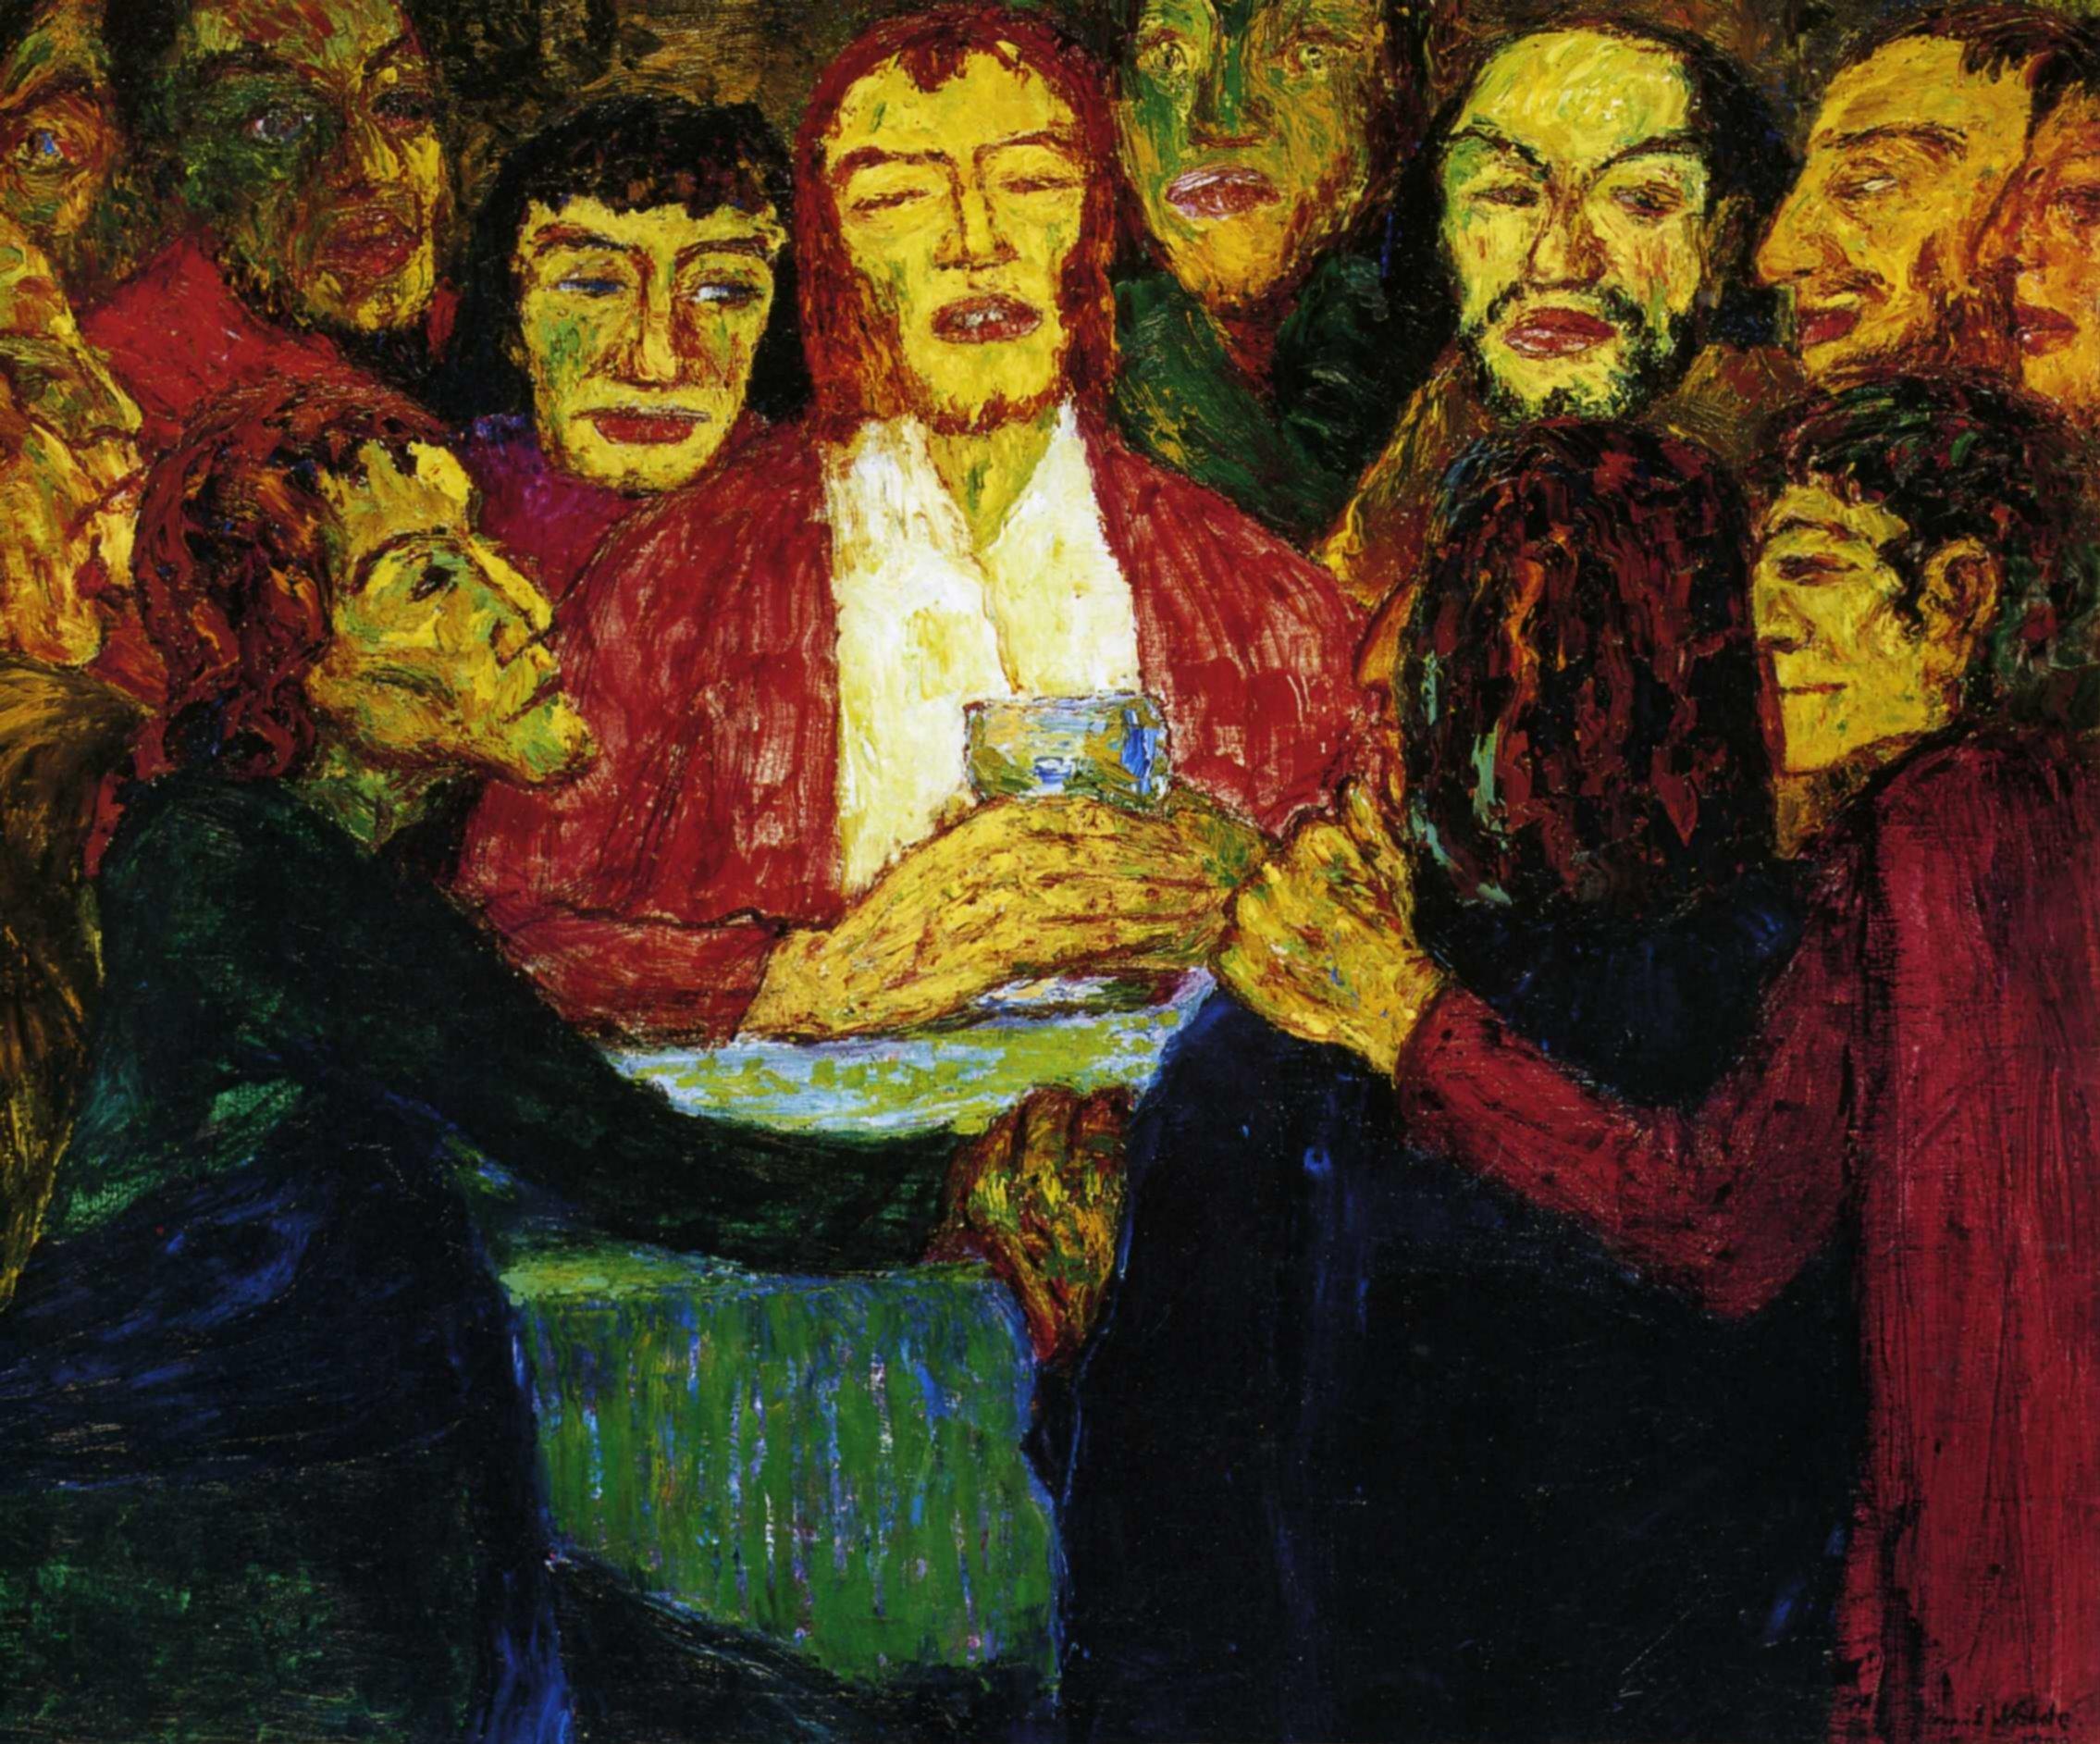 Эмиль Нольде (1867 — 1956) — один из ведущих немецких художников-экспрессионистов, считается одним из величайших акварелистов XX века. 1909. «Тайная вечеря»